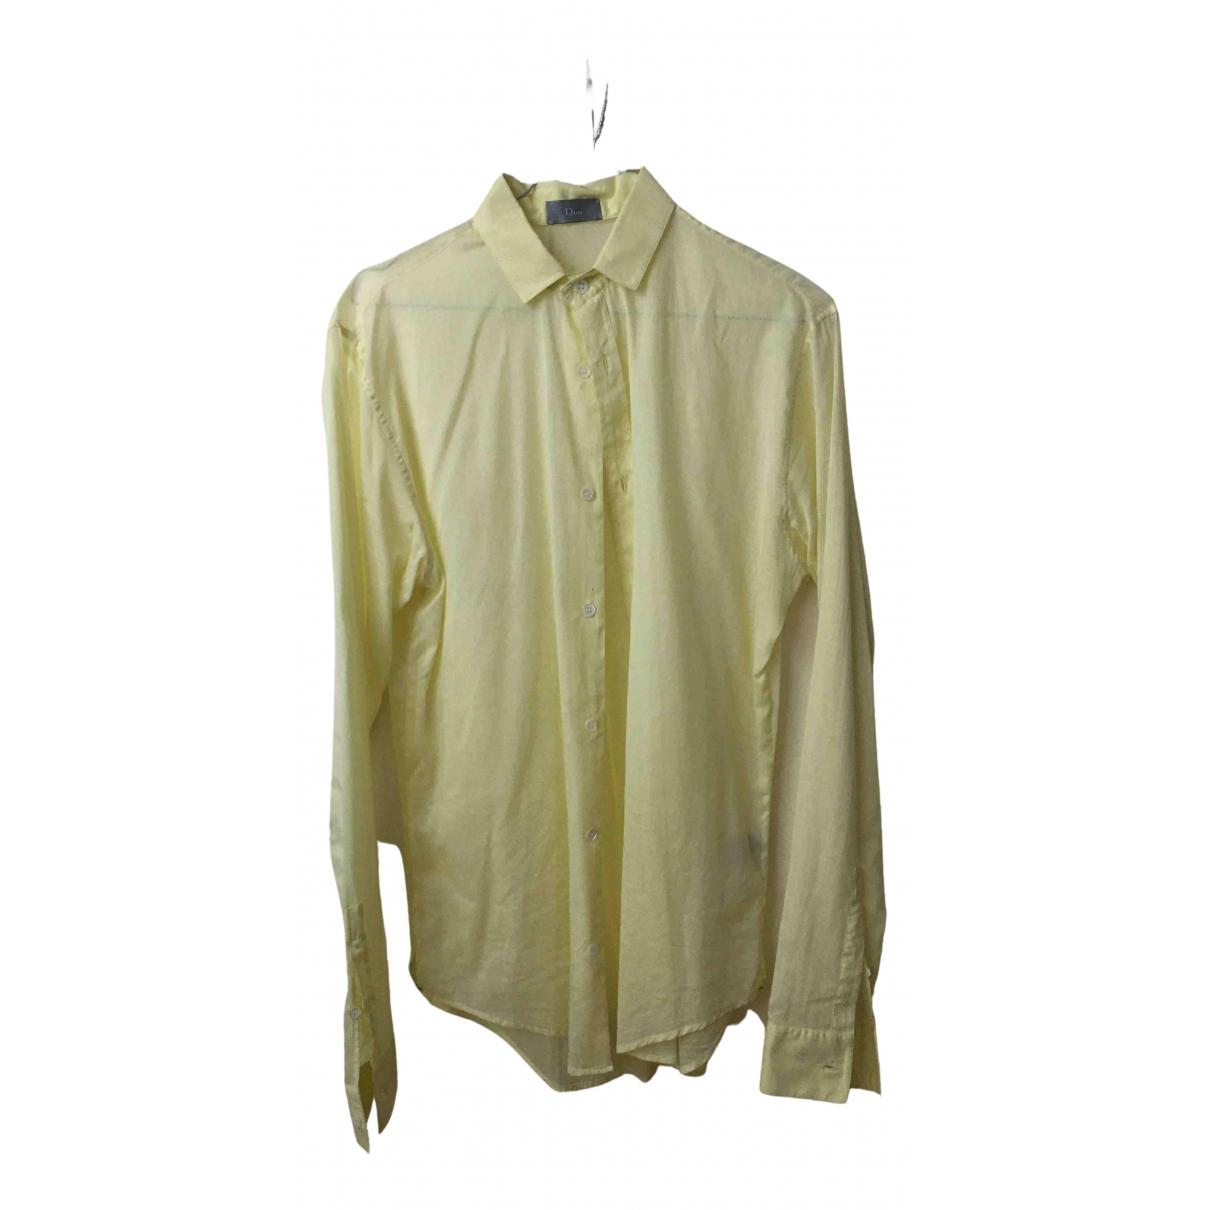 Dior Homme N Yellow Cotton Shirts for Men 38 EU (tour de cou / collar)